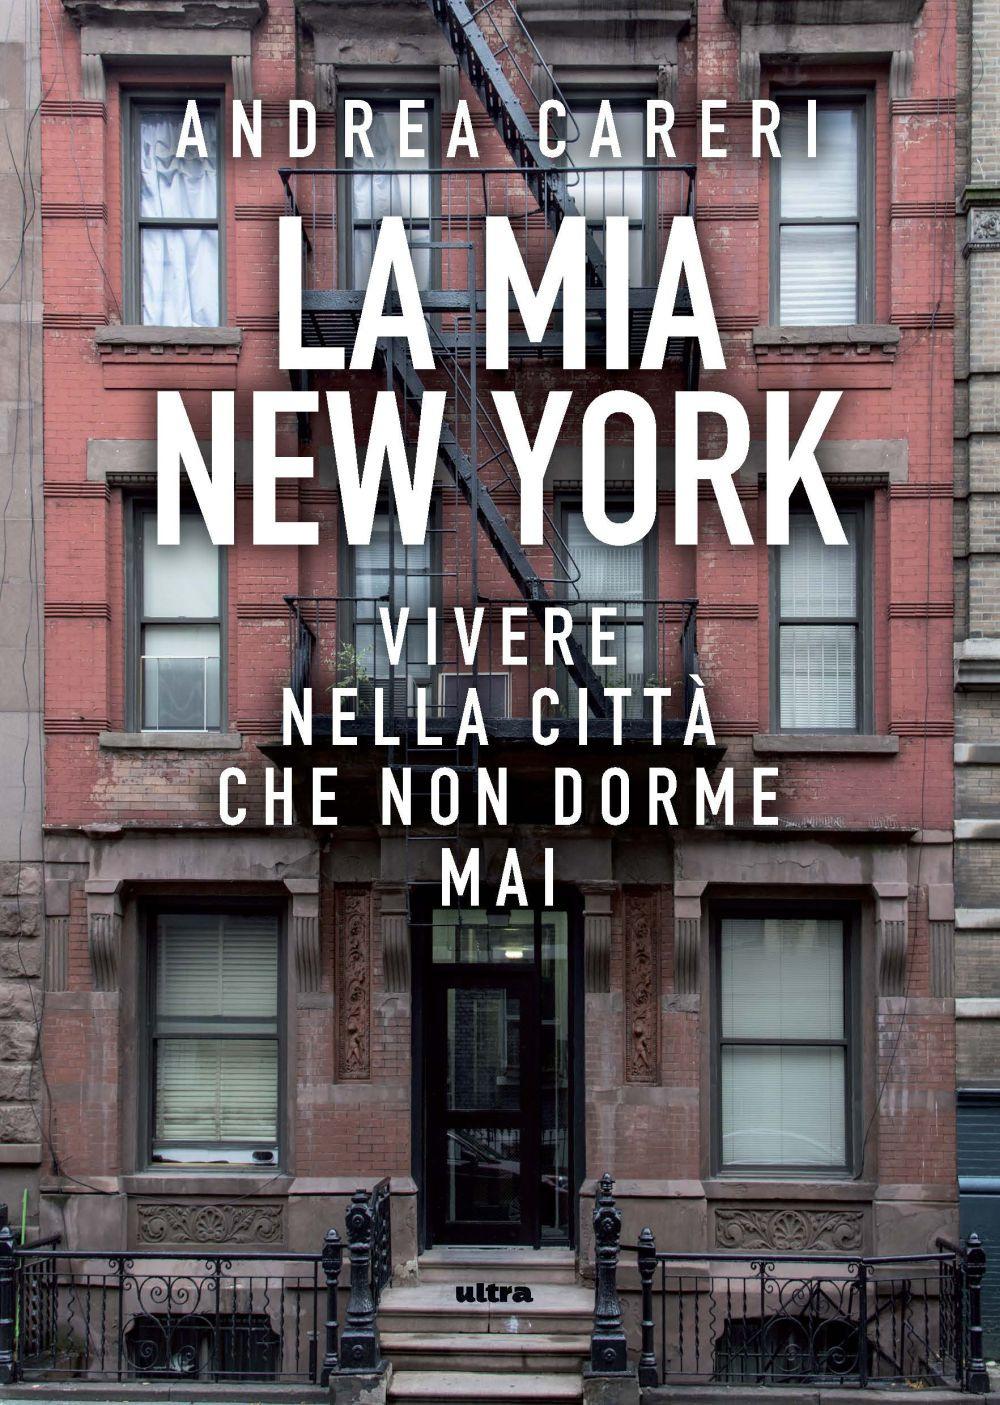 MIA NEW YORK. VIVERE NELLA CITTÀ PIÙ BELLLA (LA)